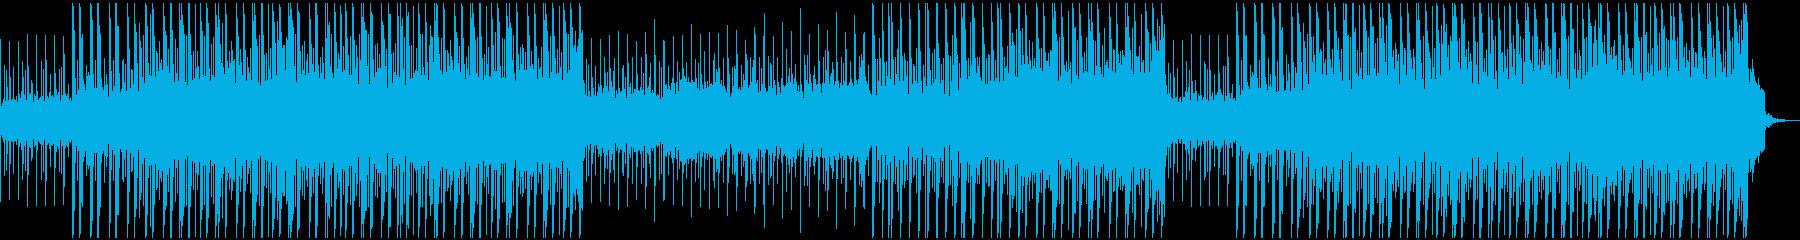 メロディックなエレクトロアンビエン...の再生済みの波形